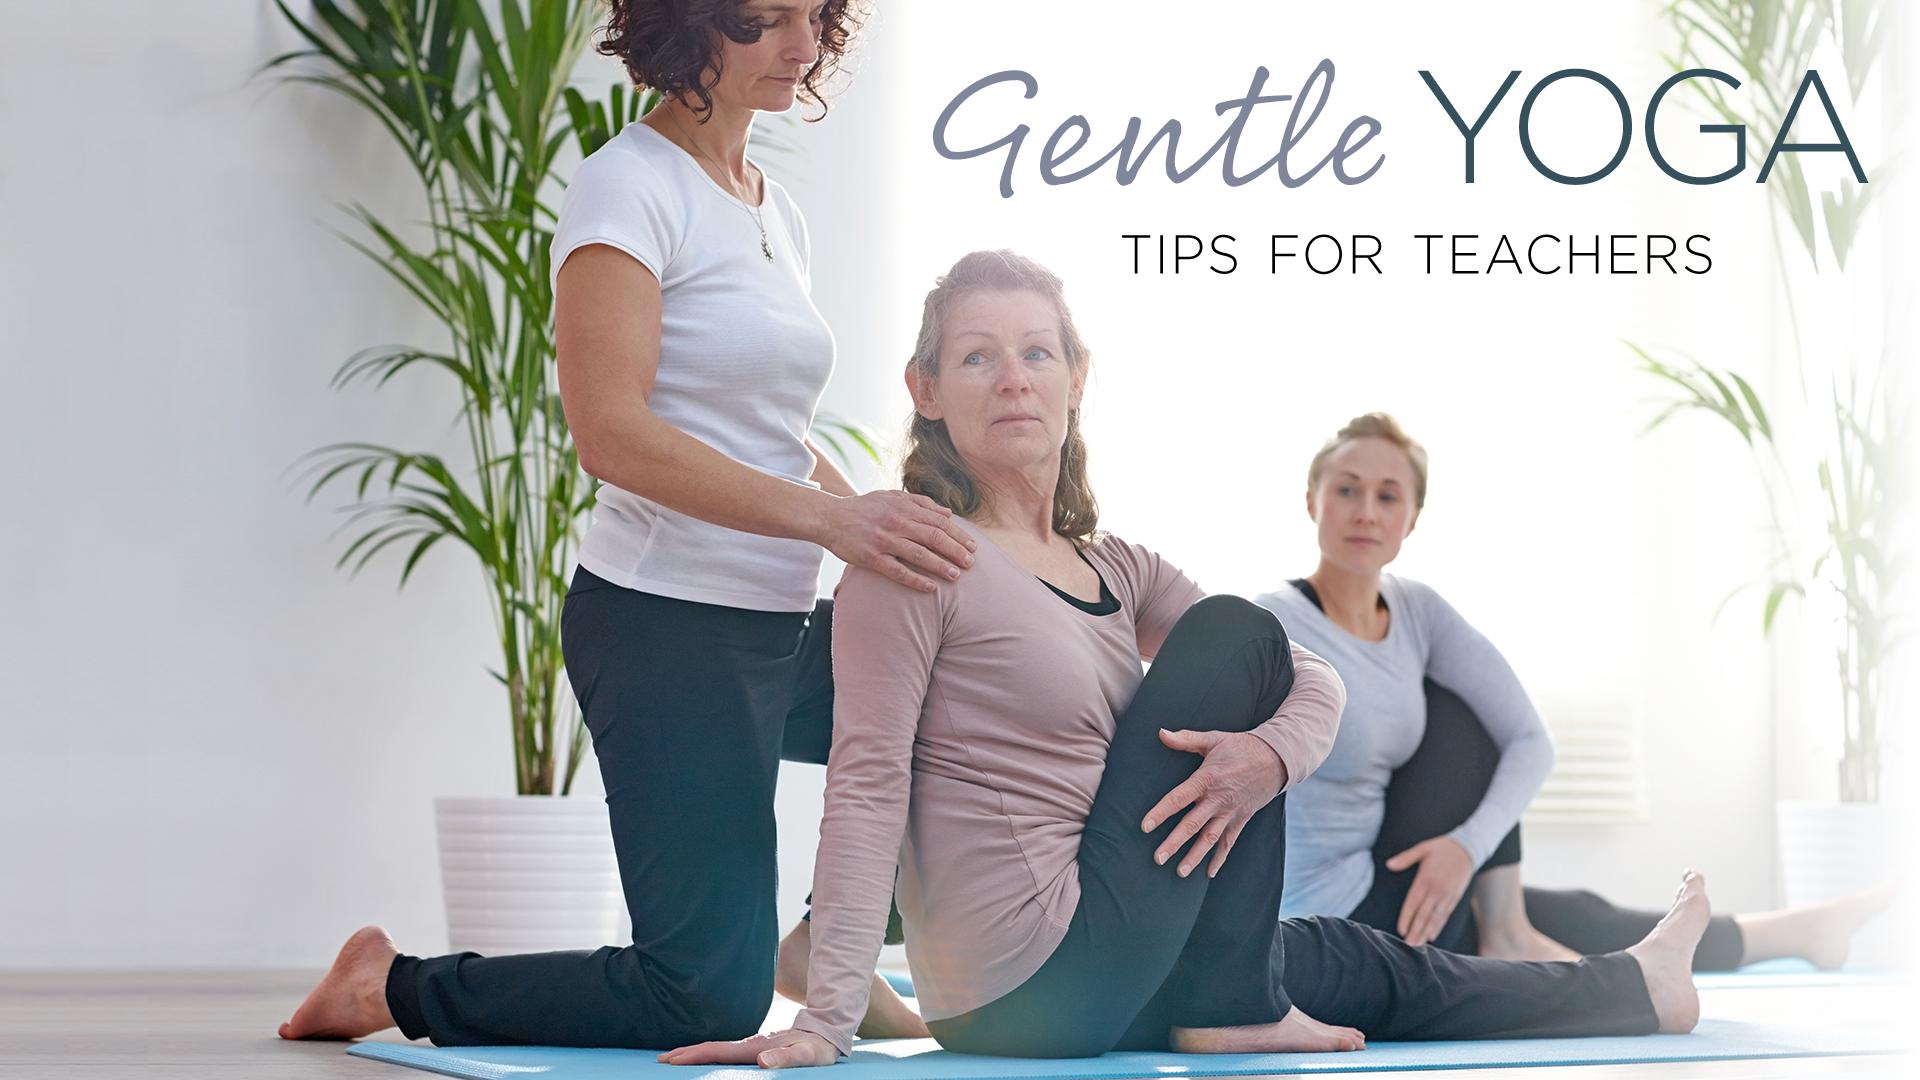 Gentle Yoga Tips For Teachers